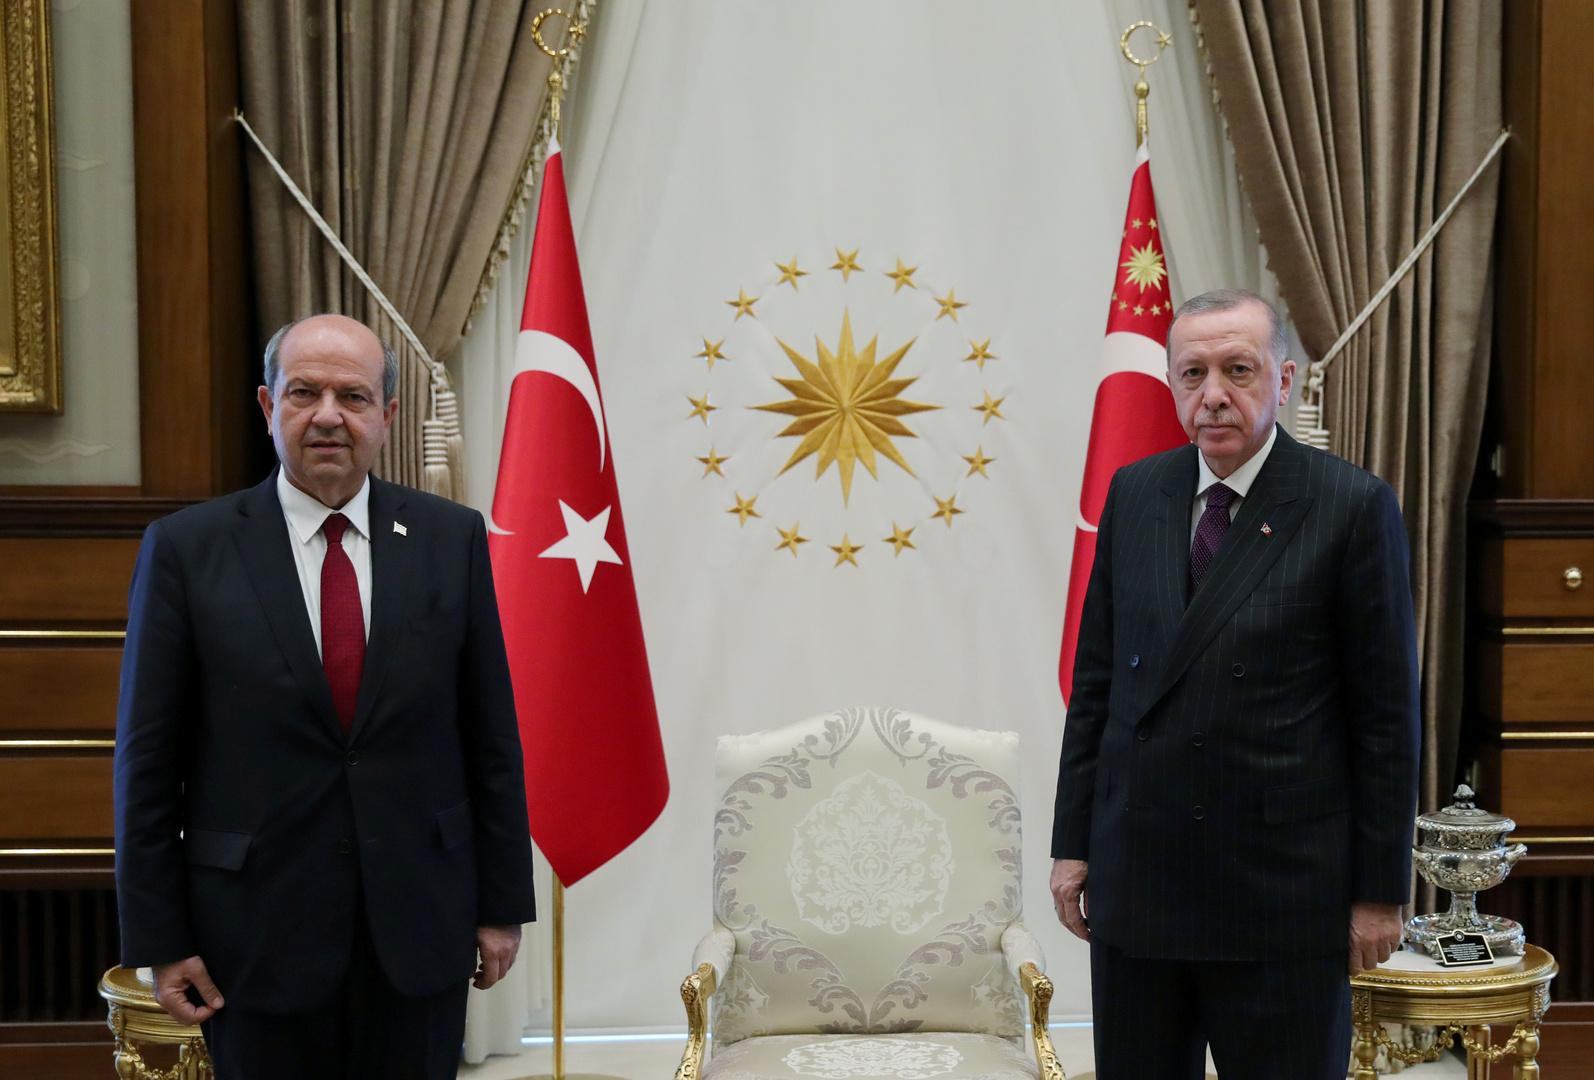 الرئيس التركي رجب طيب إردوغان ورئيس جمهورية شمال قبرص المعترف بها من طرف تركيا أرسين تتار. الصورة: أرشيف.